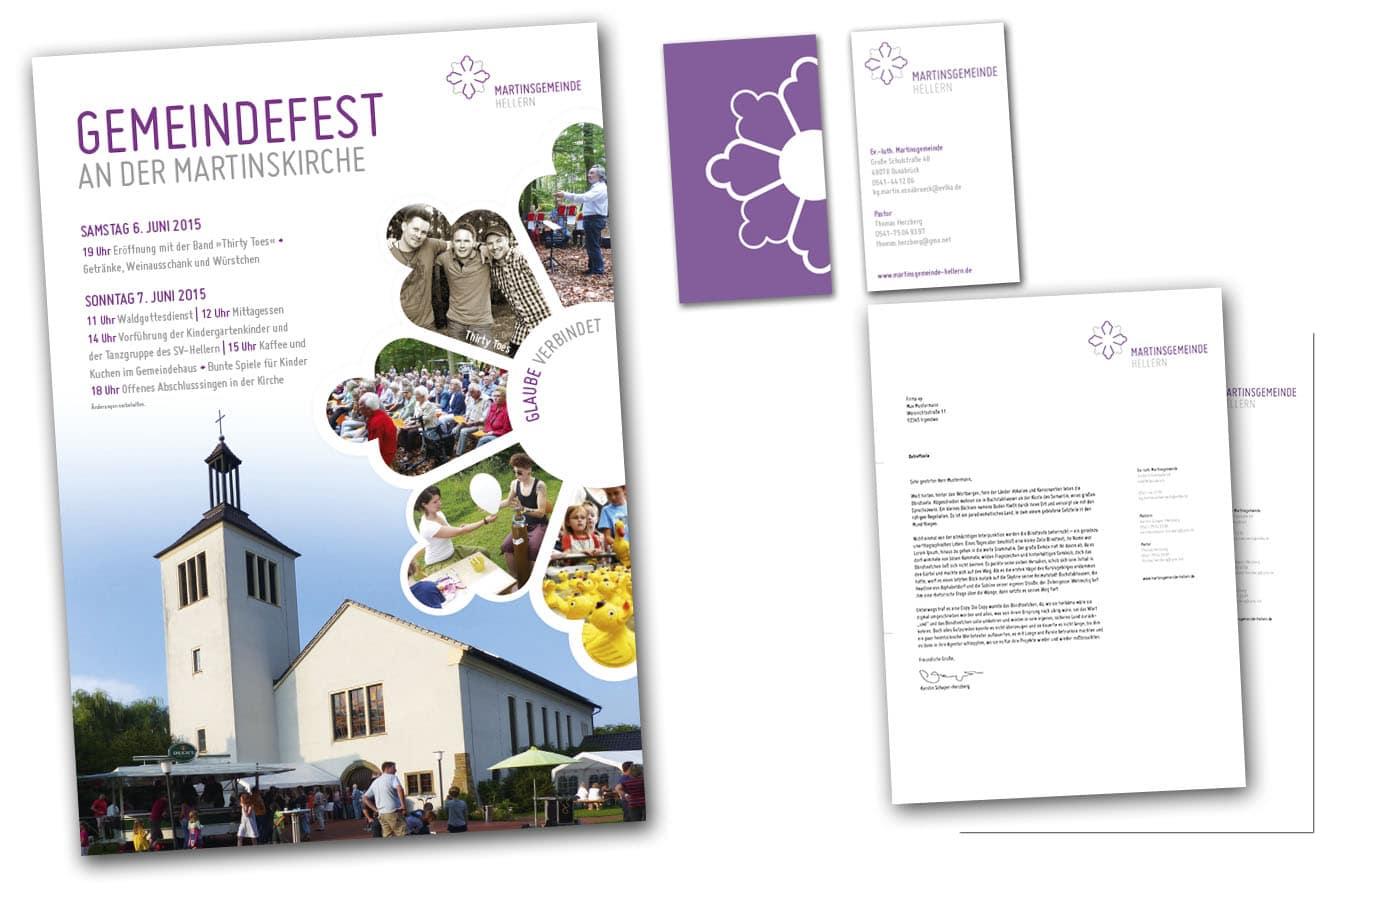 Martinsgemeinde in Hellern hat ein neues Corporate Design auf Grundlage des neuen Logos